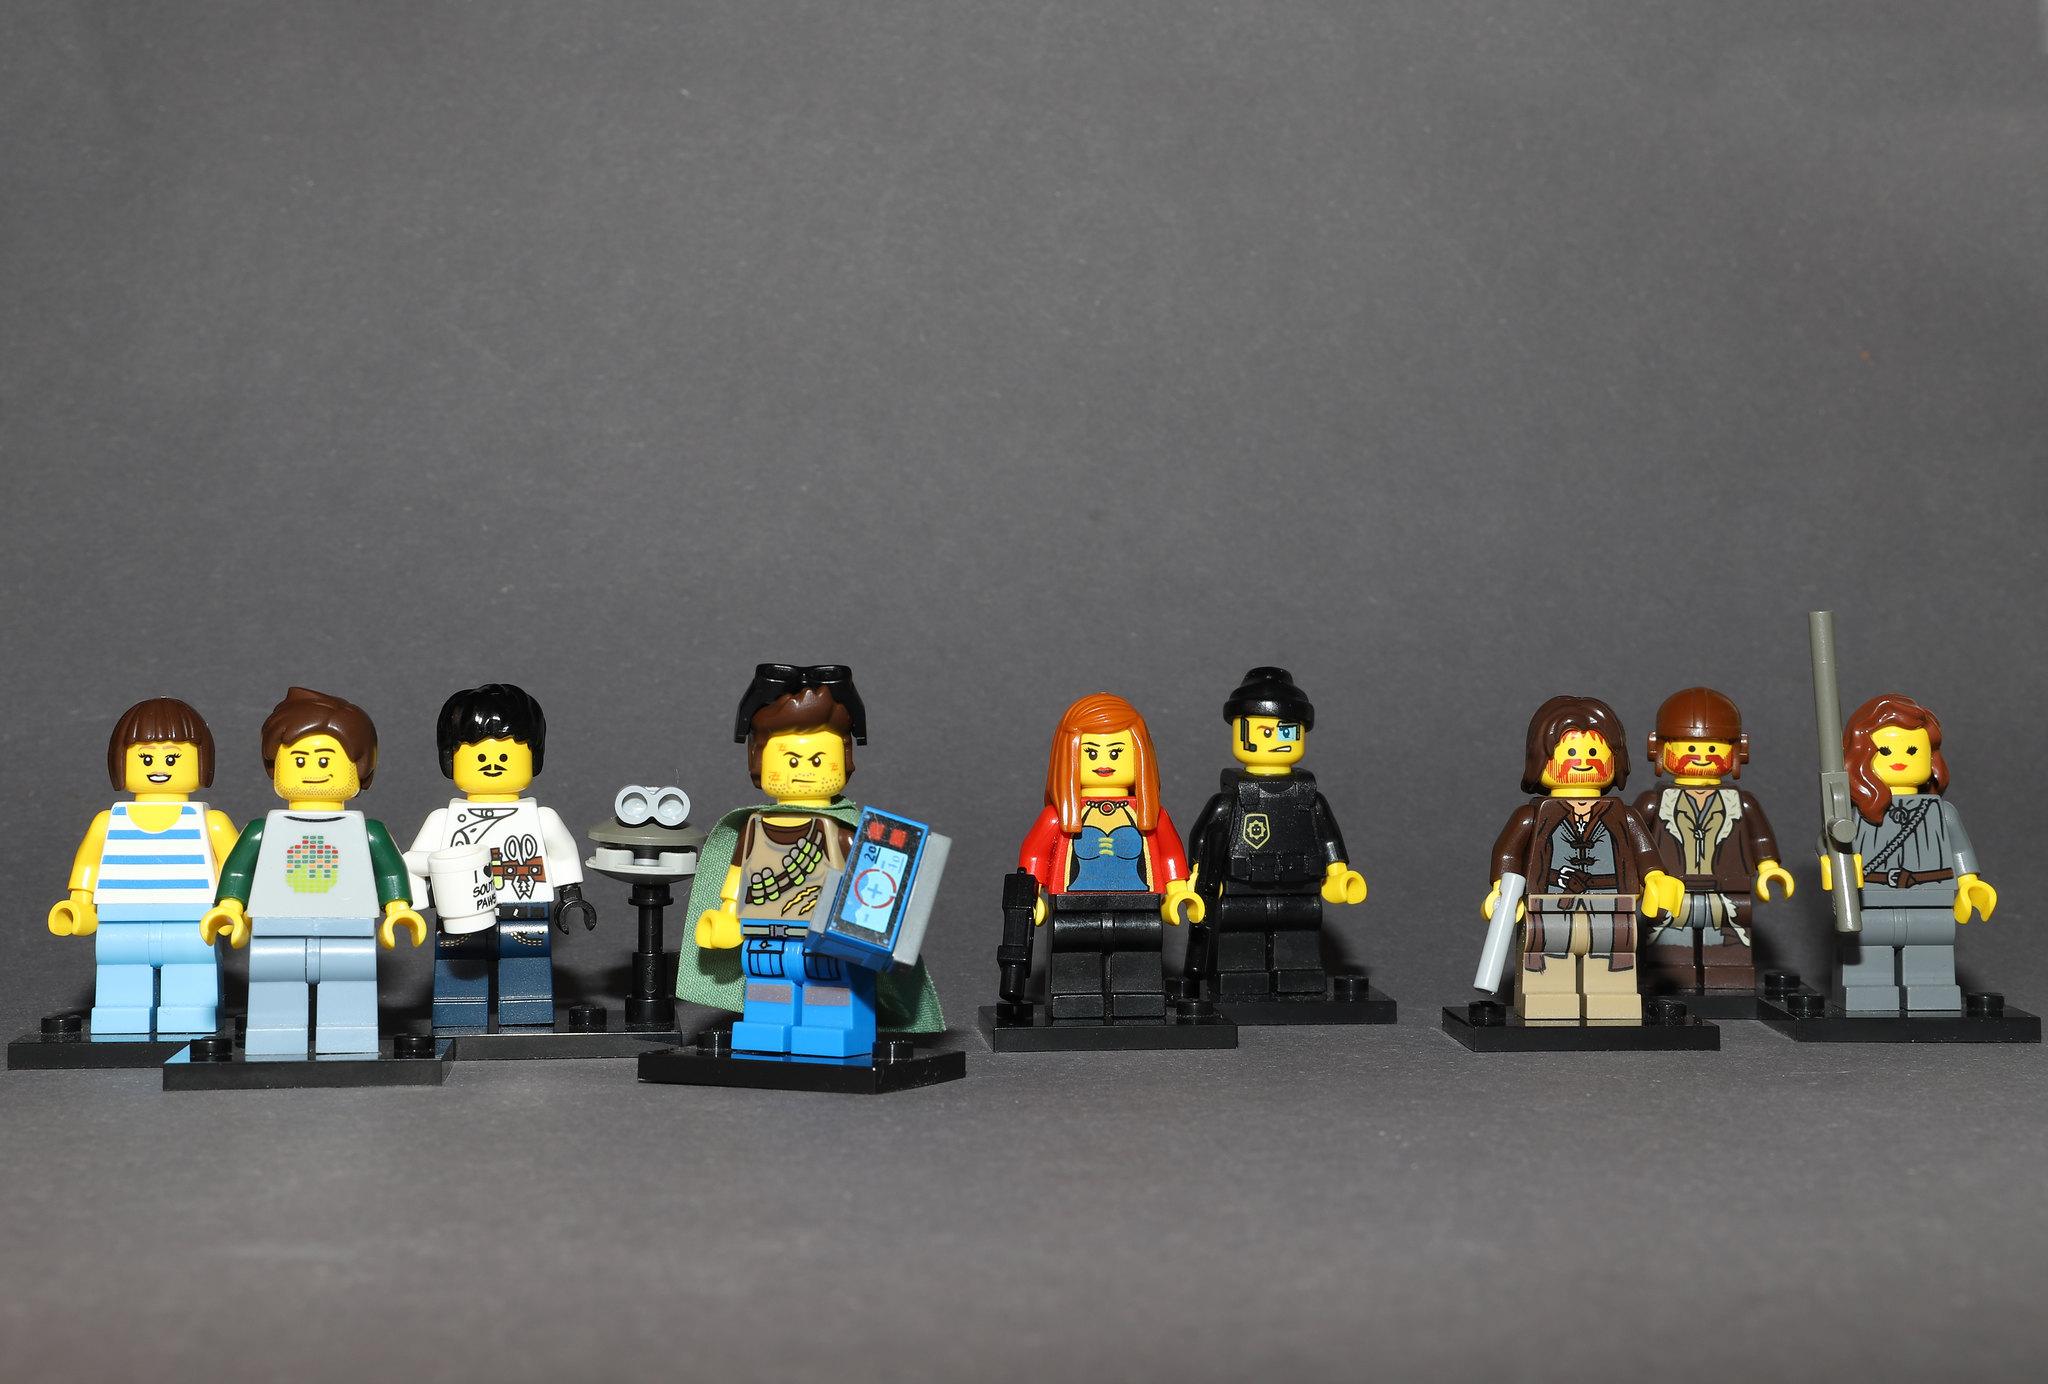 [Photographie + LEGO] Quand le VDF croise l'univers des LEGO 31282619507_49db31629d_k